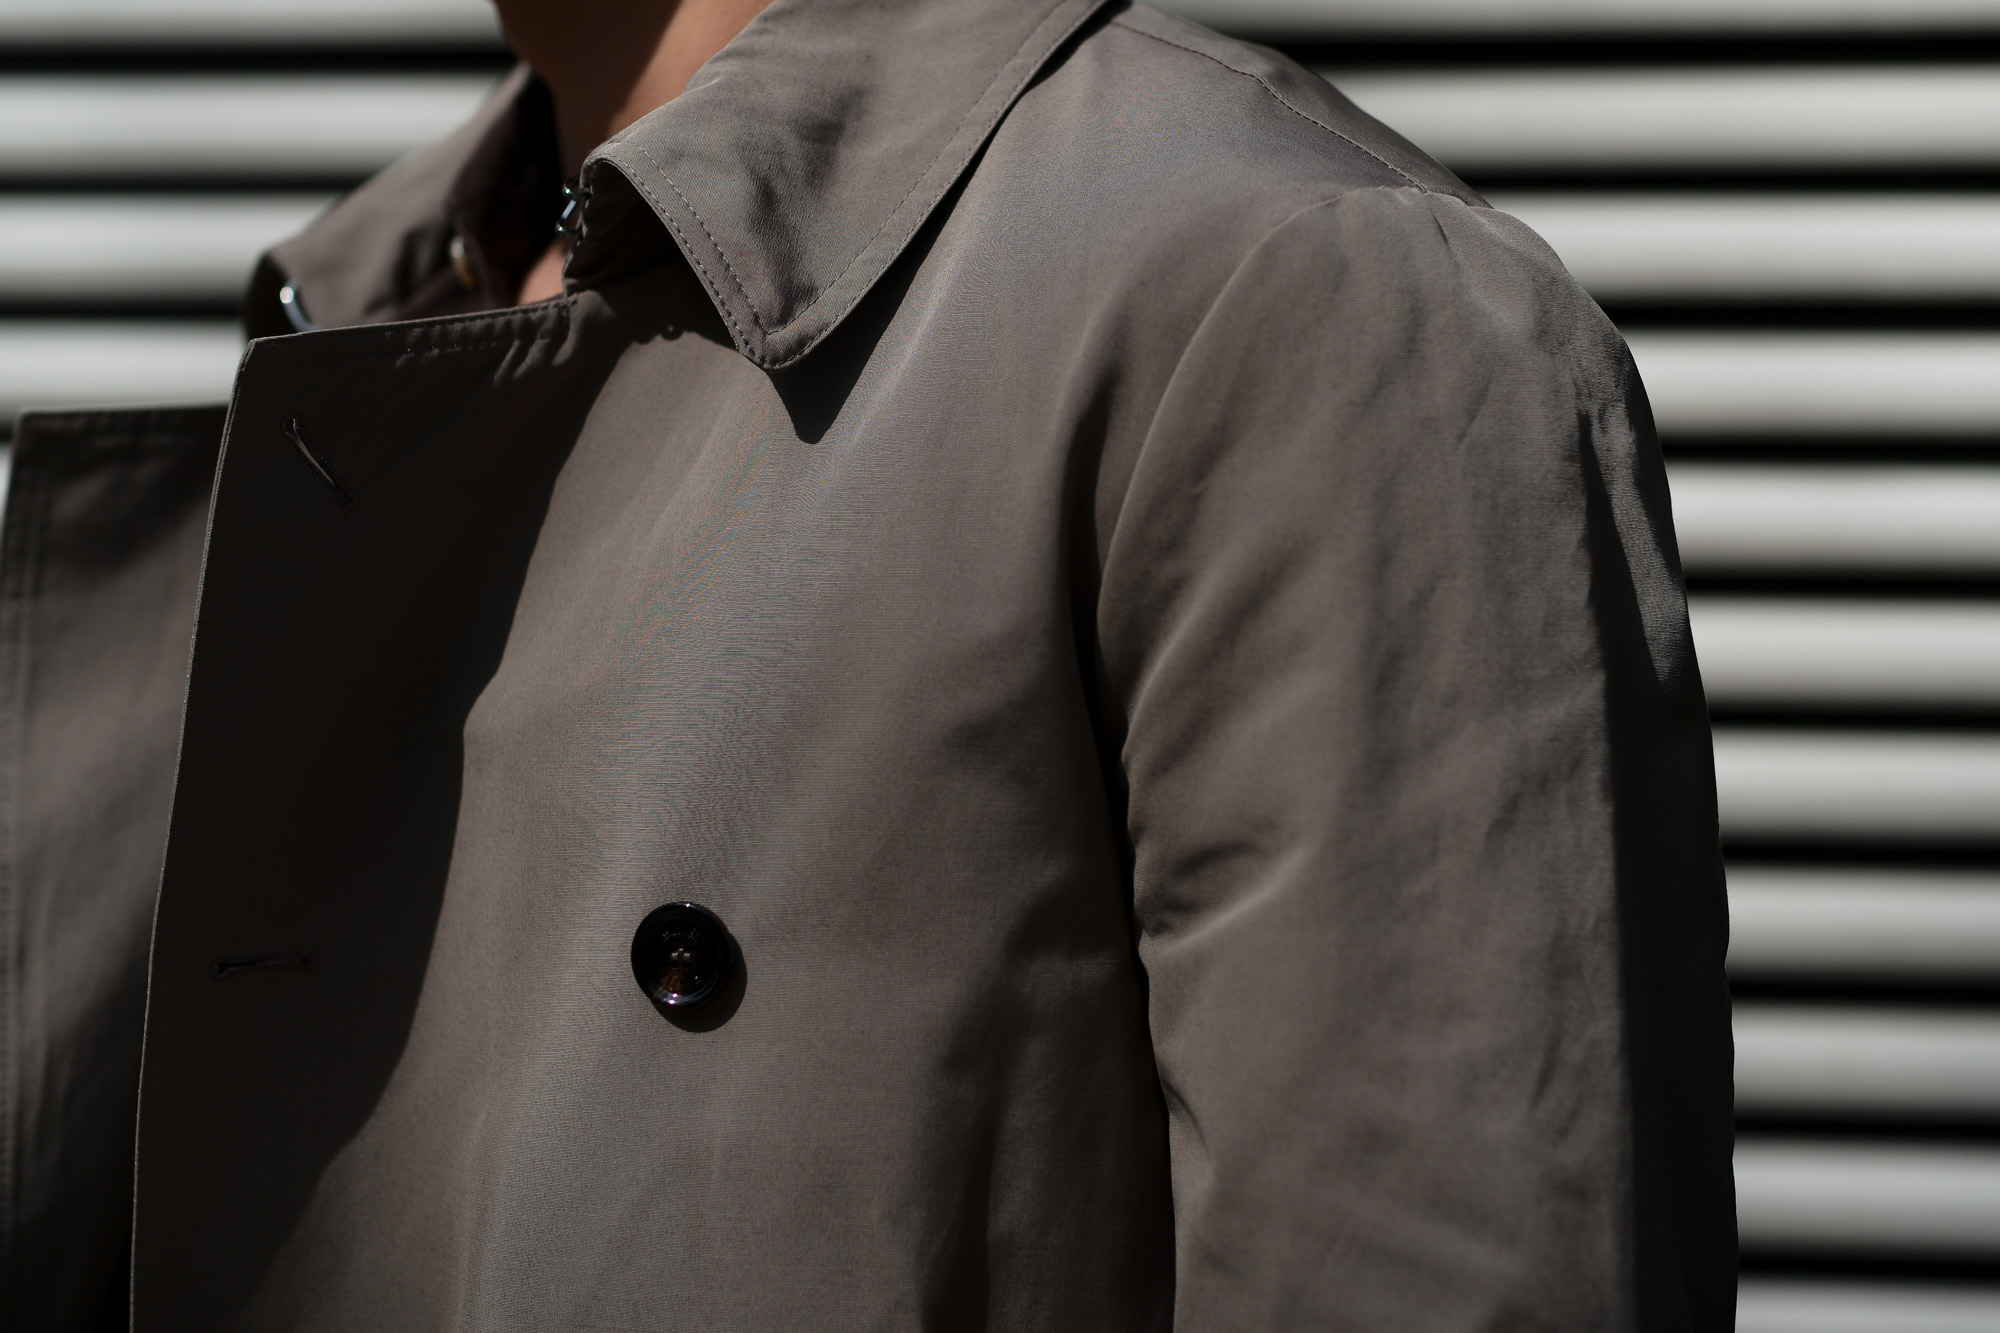 MOORER(ムーレー) MELFI-WM (メルフィ) コットンポリエステルギャバジン ダブルブレストトレンチコート STONE(ストーン) Made in italy (イタリア製) 2020 春夏新作 愛知 名古屋 altoediritto アルトエデリット